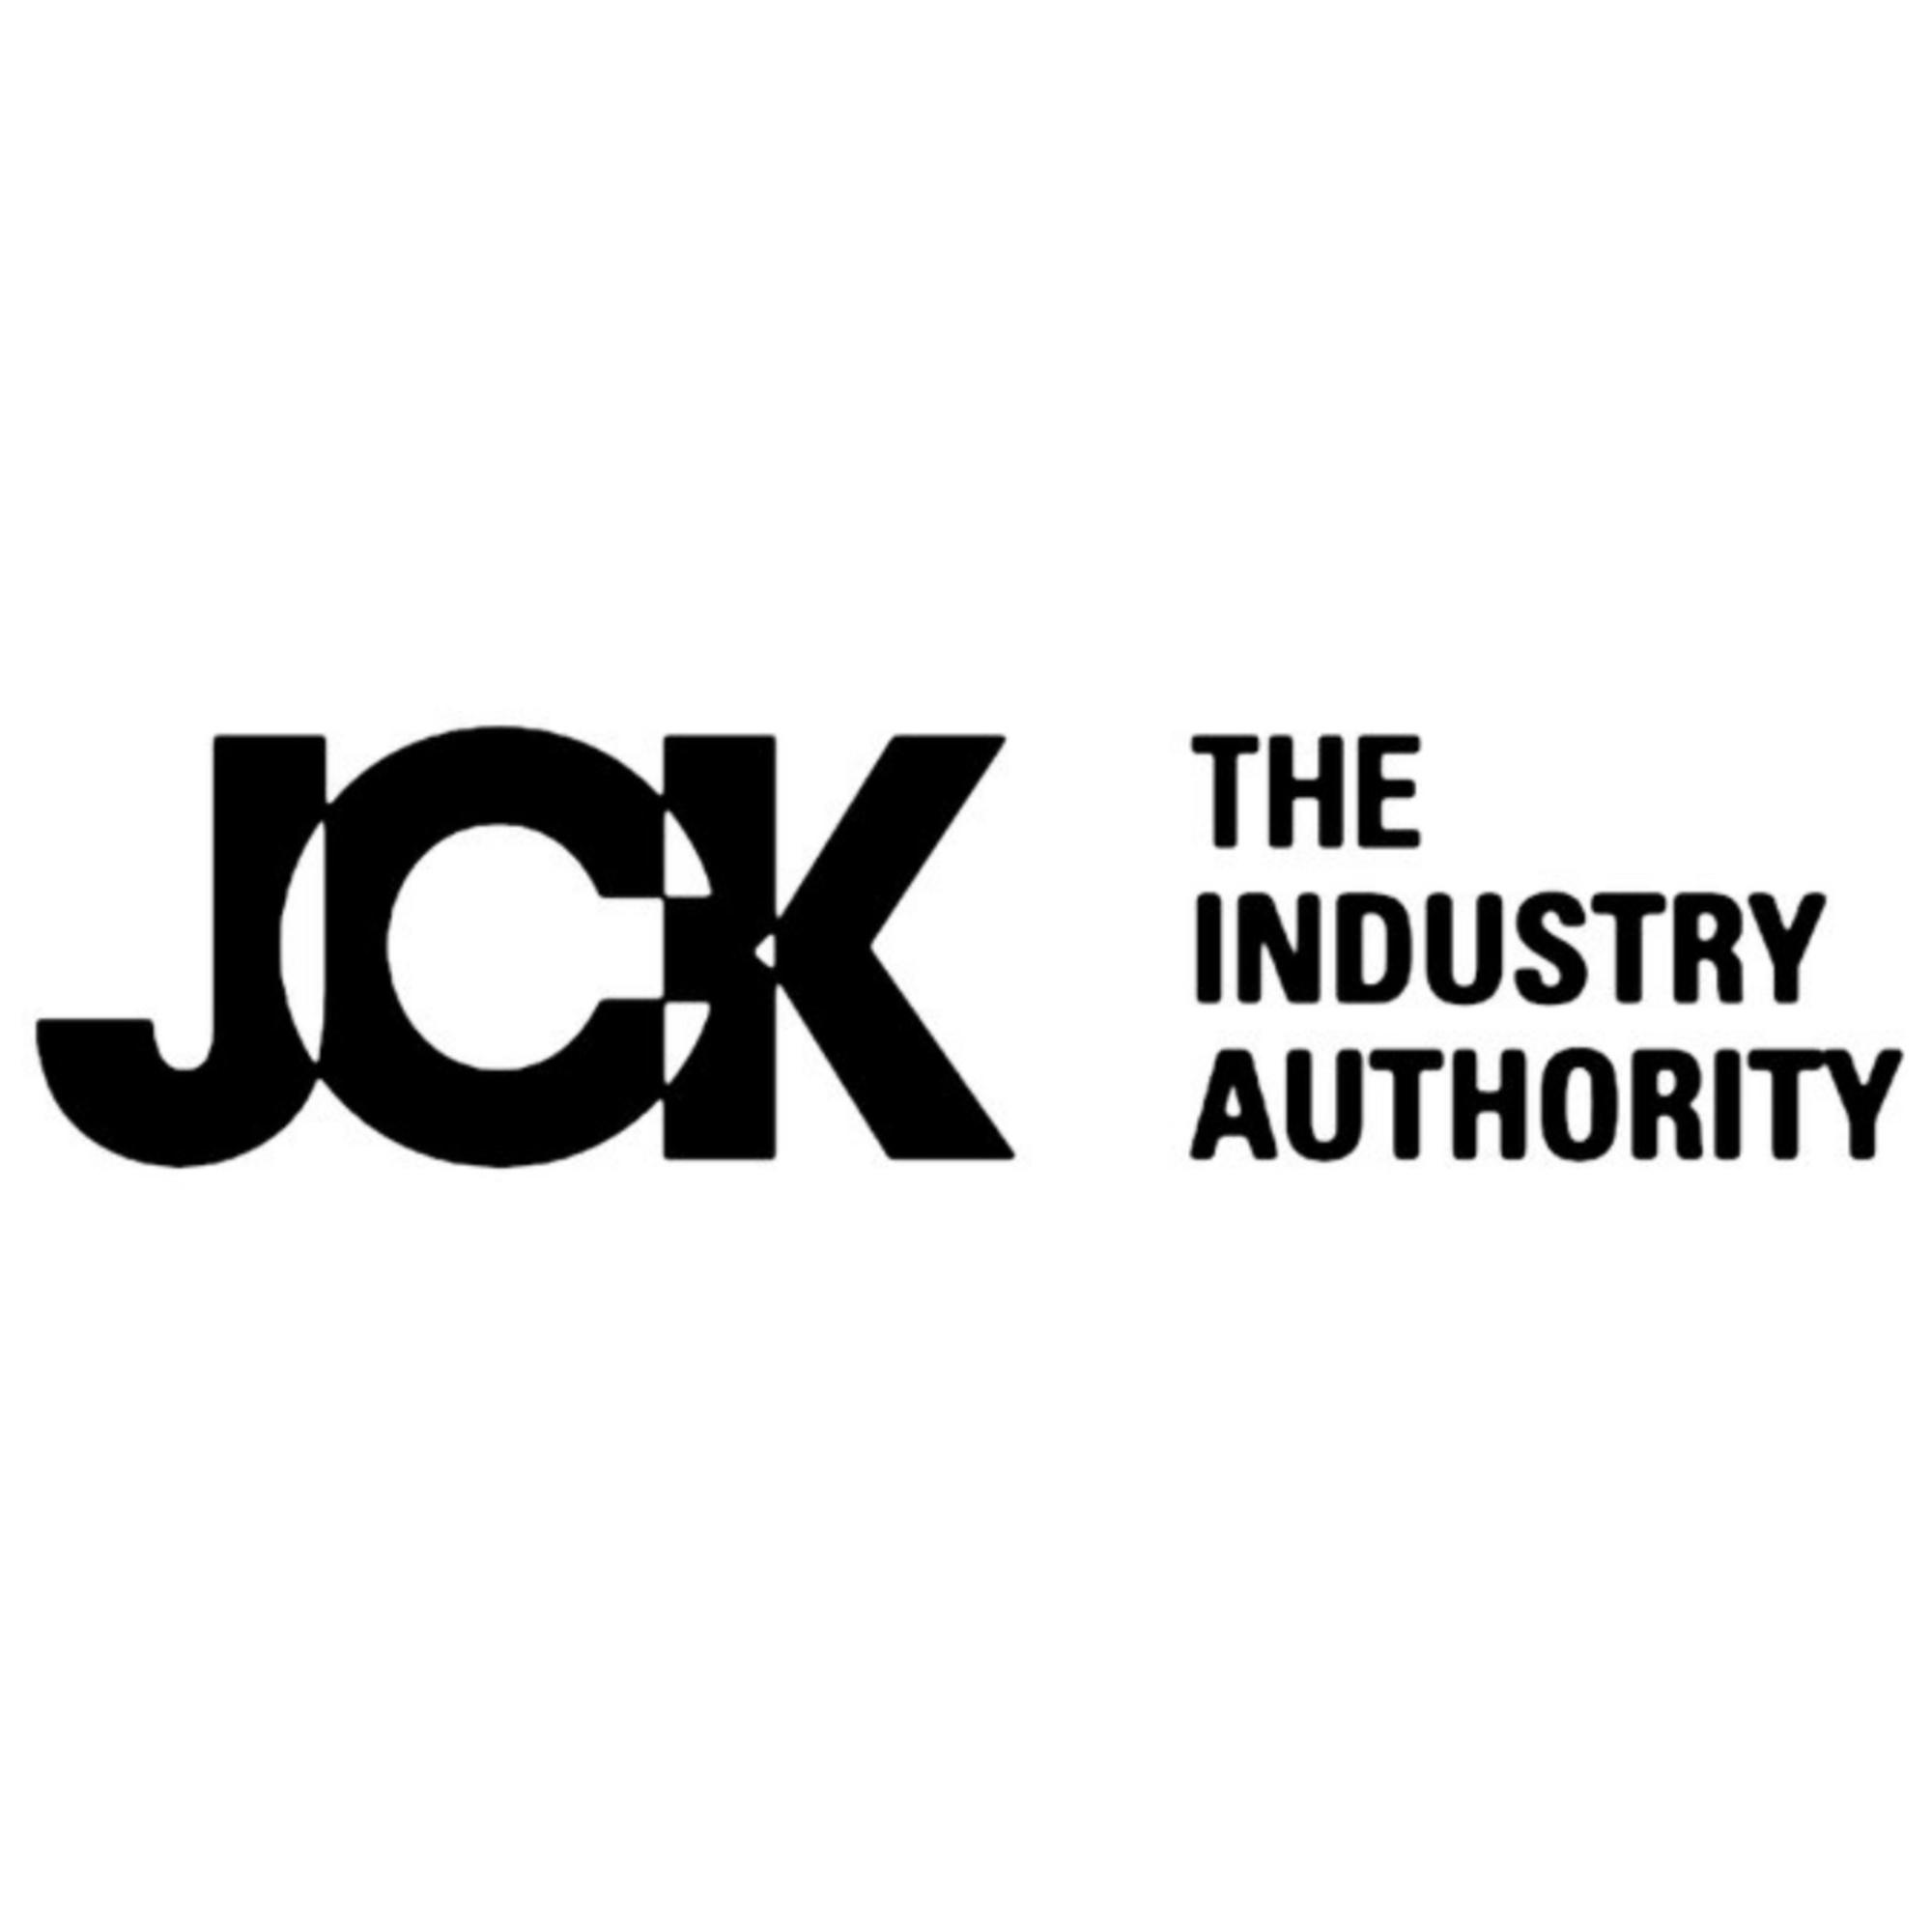 jck logo jpg.jpg